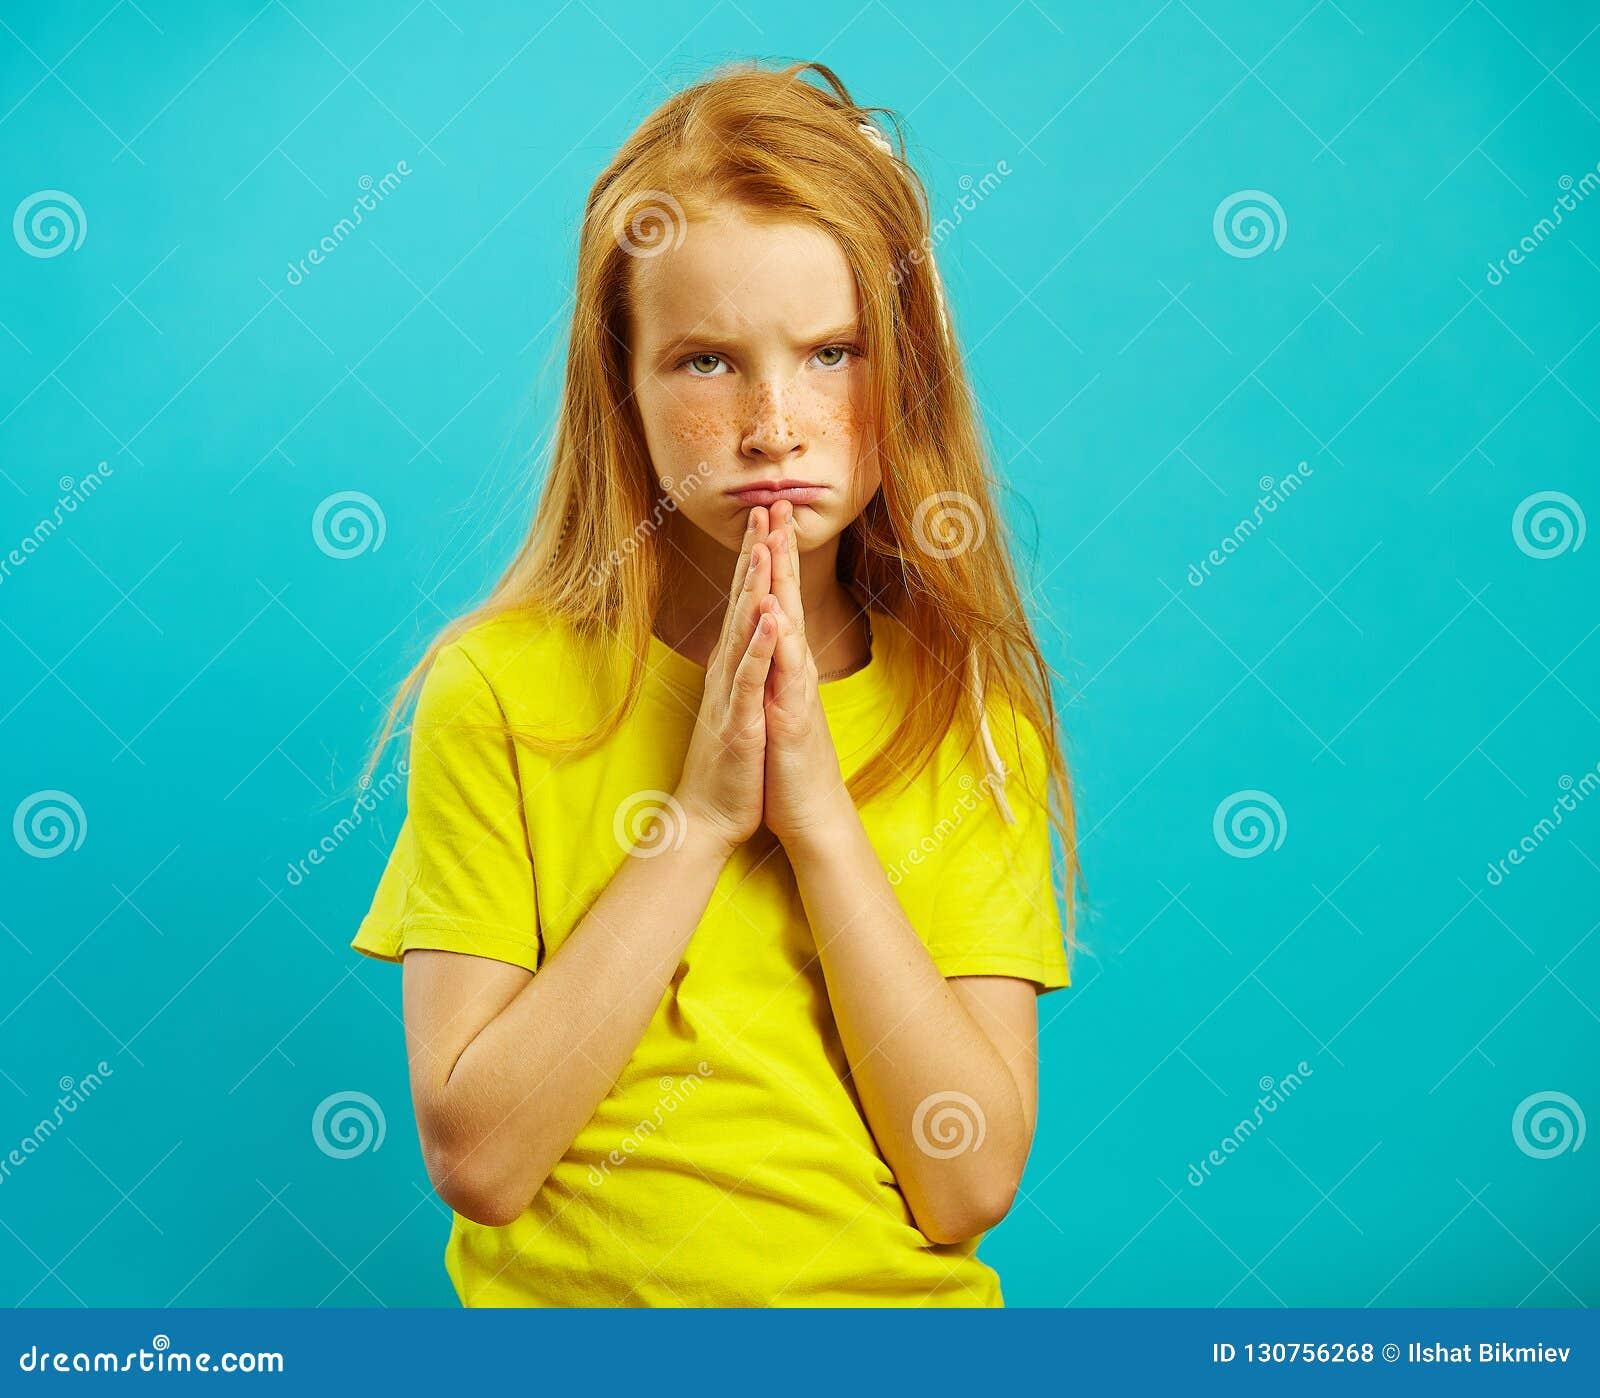 Το κορίτσι με τα λυπημένα μάτια ζητά να της αγοράσει κάτι, διπλωμένος παραδίδει το φοίνικα του στήθους, εκφράζει ένα αίτημα, έχει